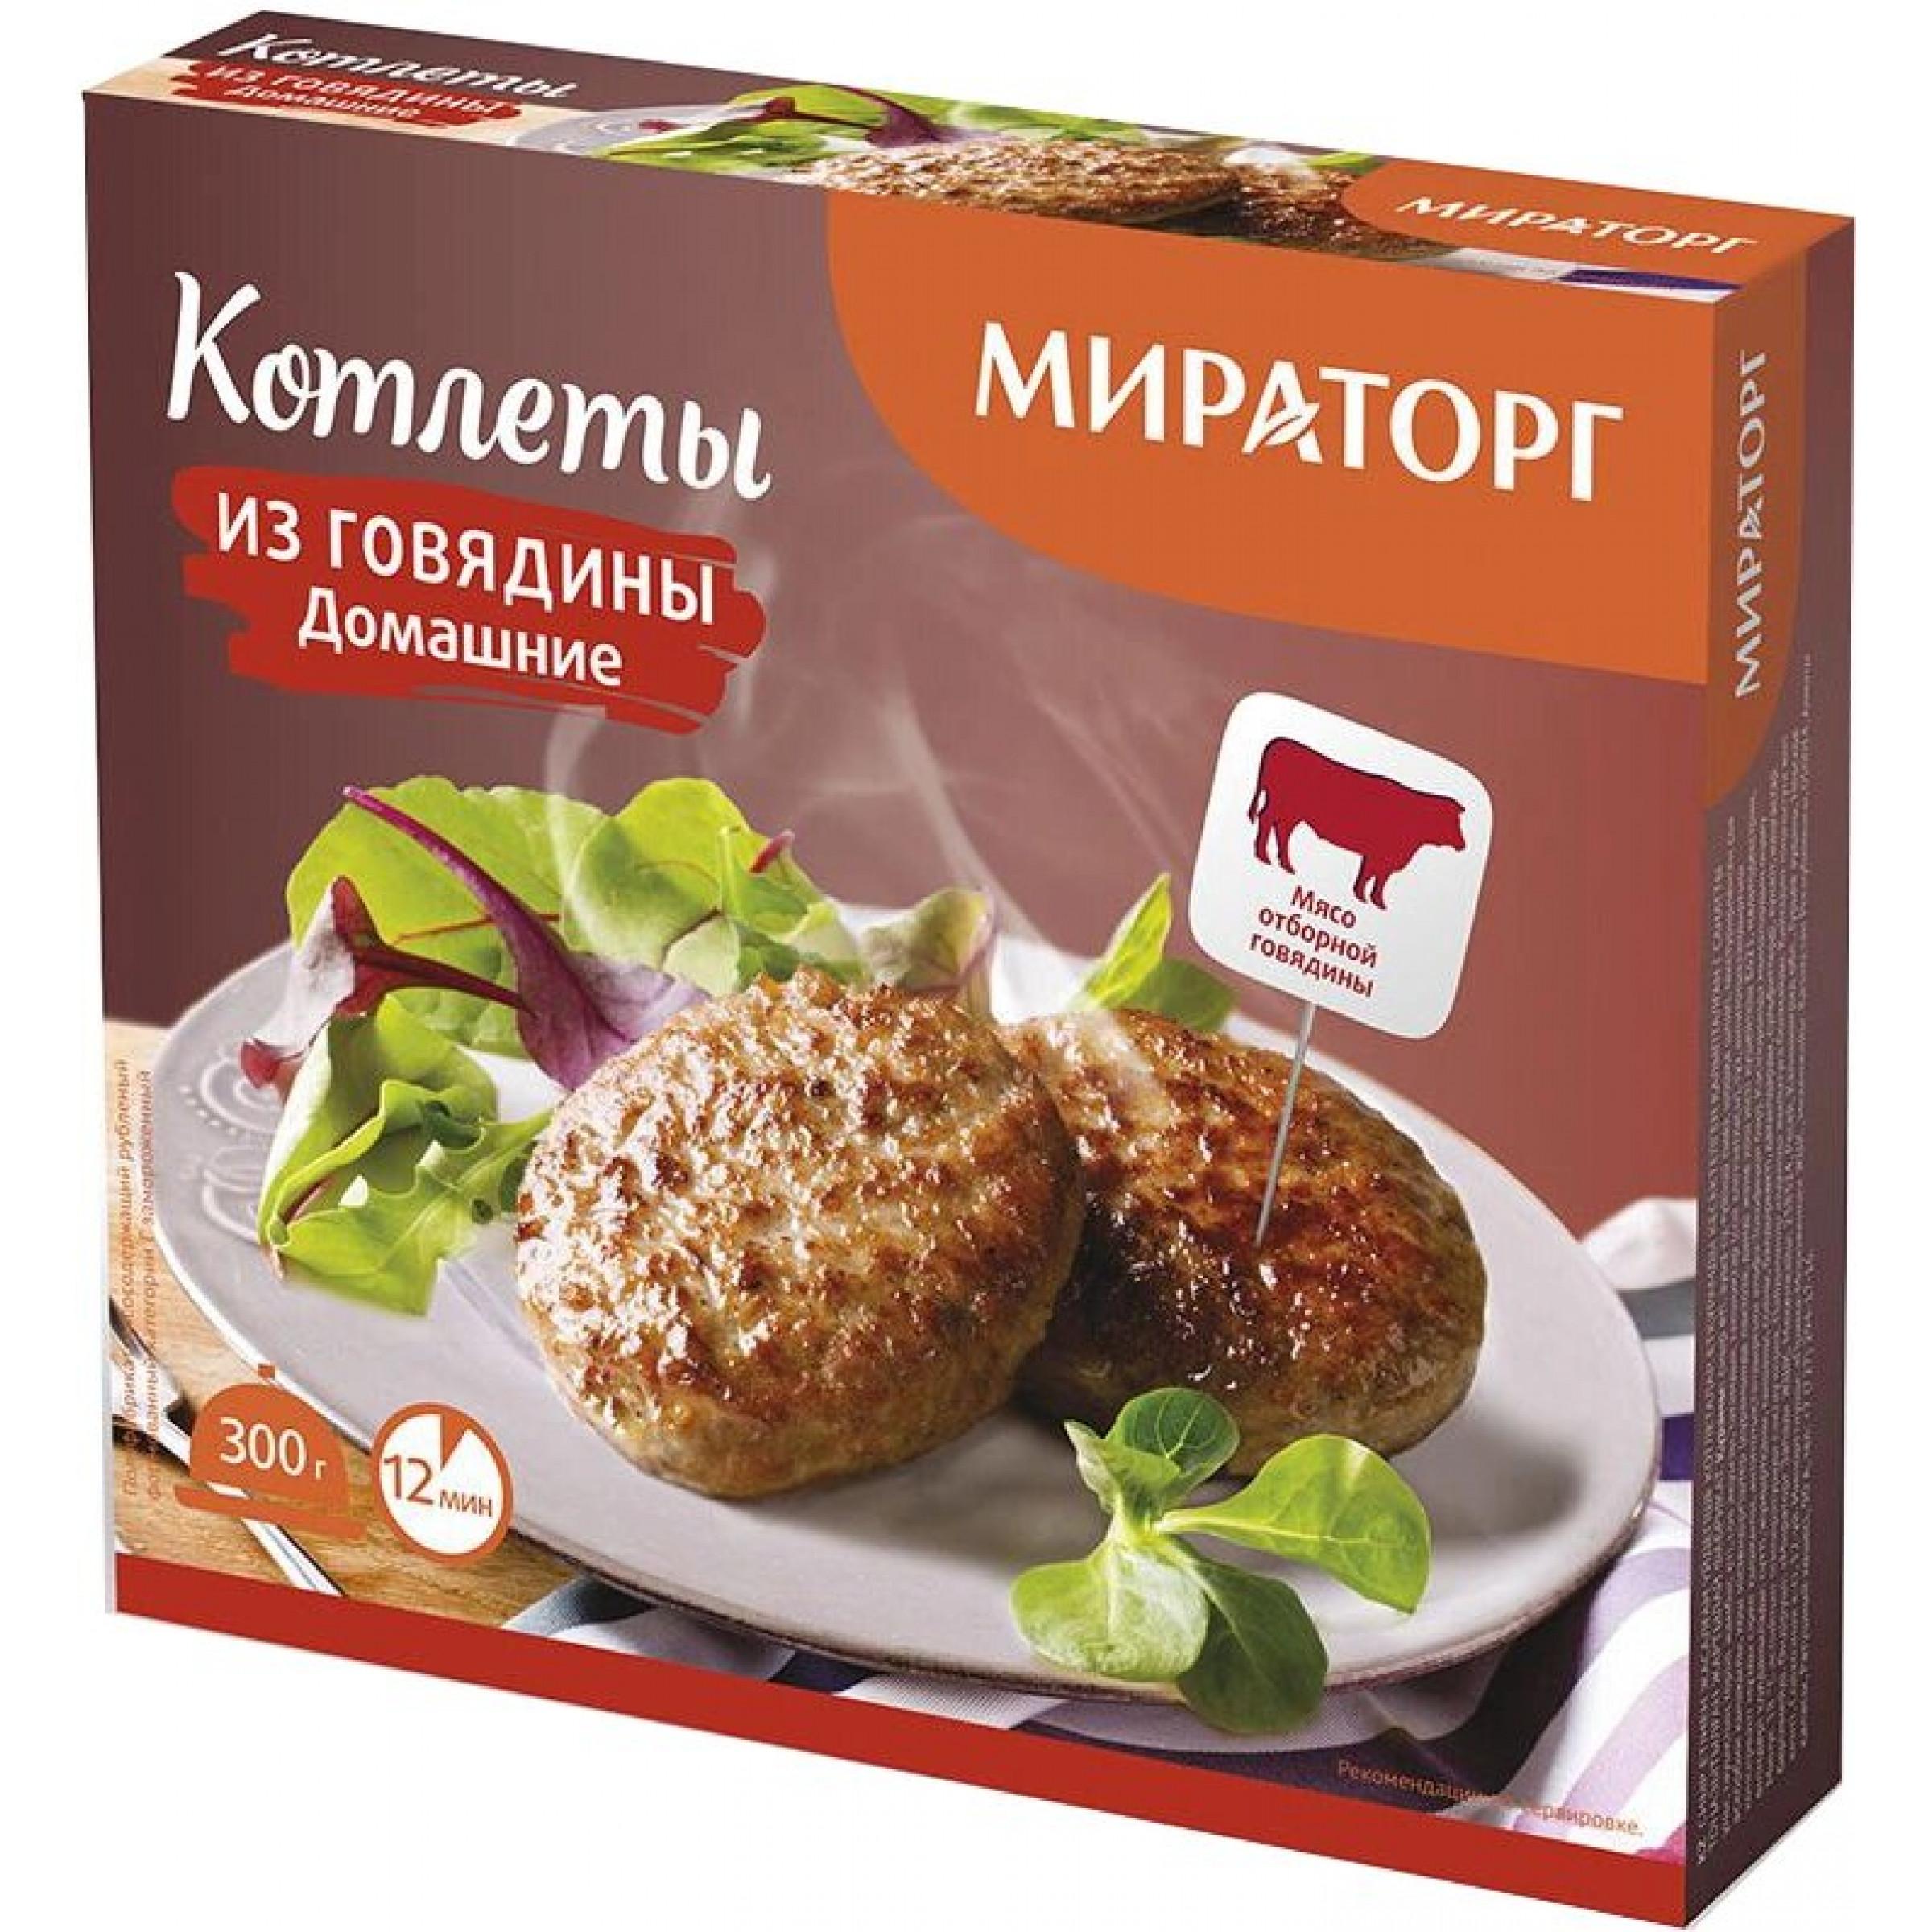 Котлеты Домашние из говядины замороженные Мираторг, 300 гр